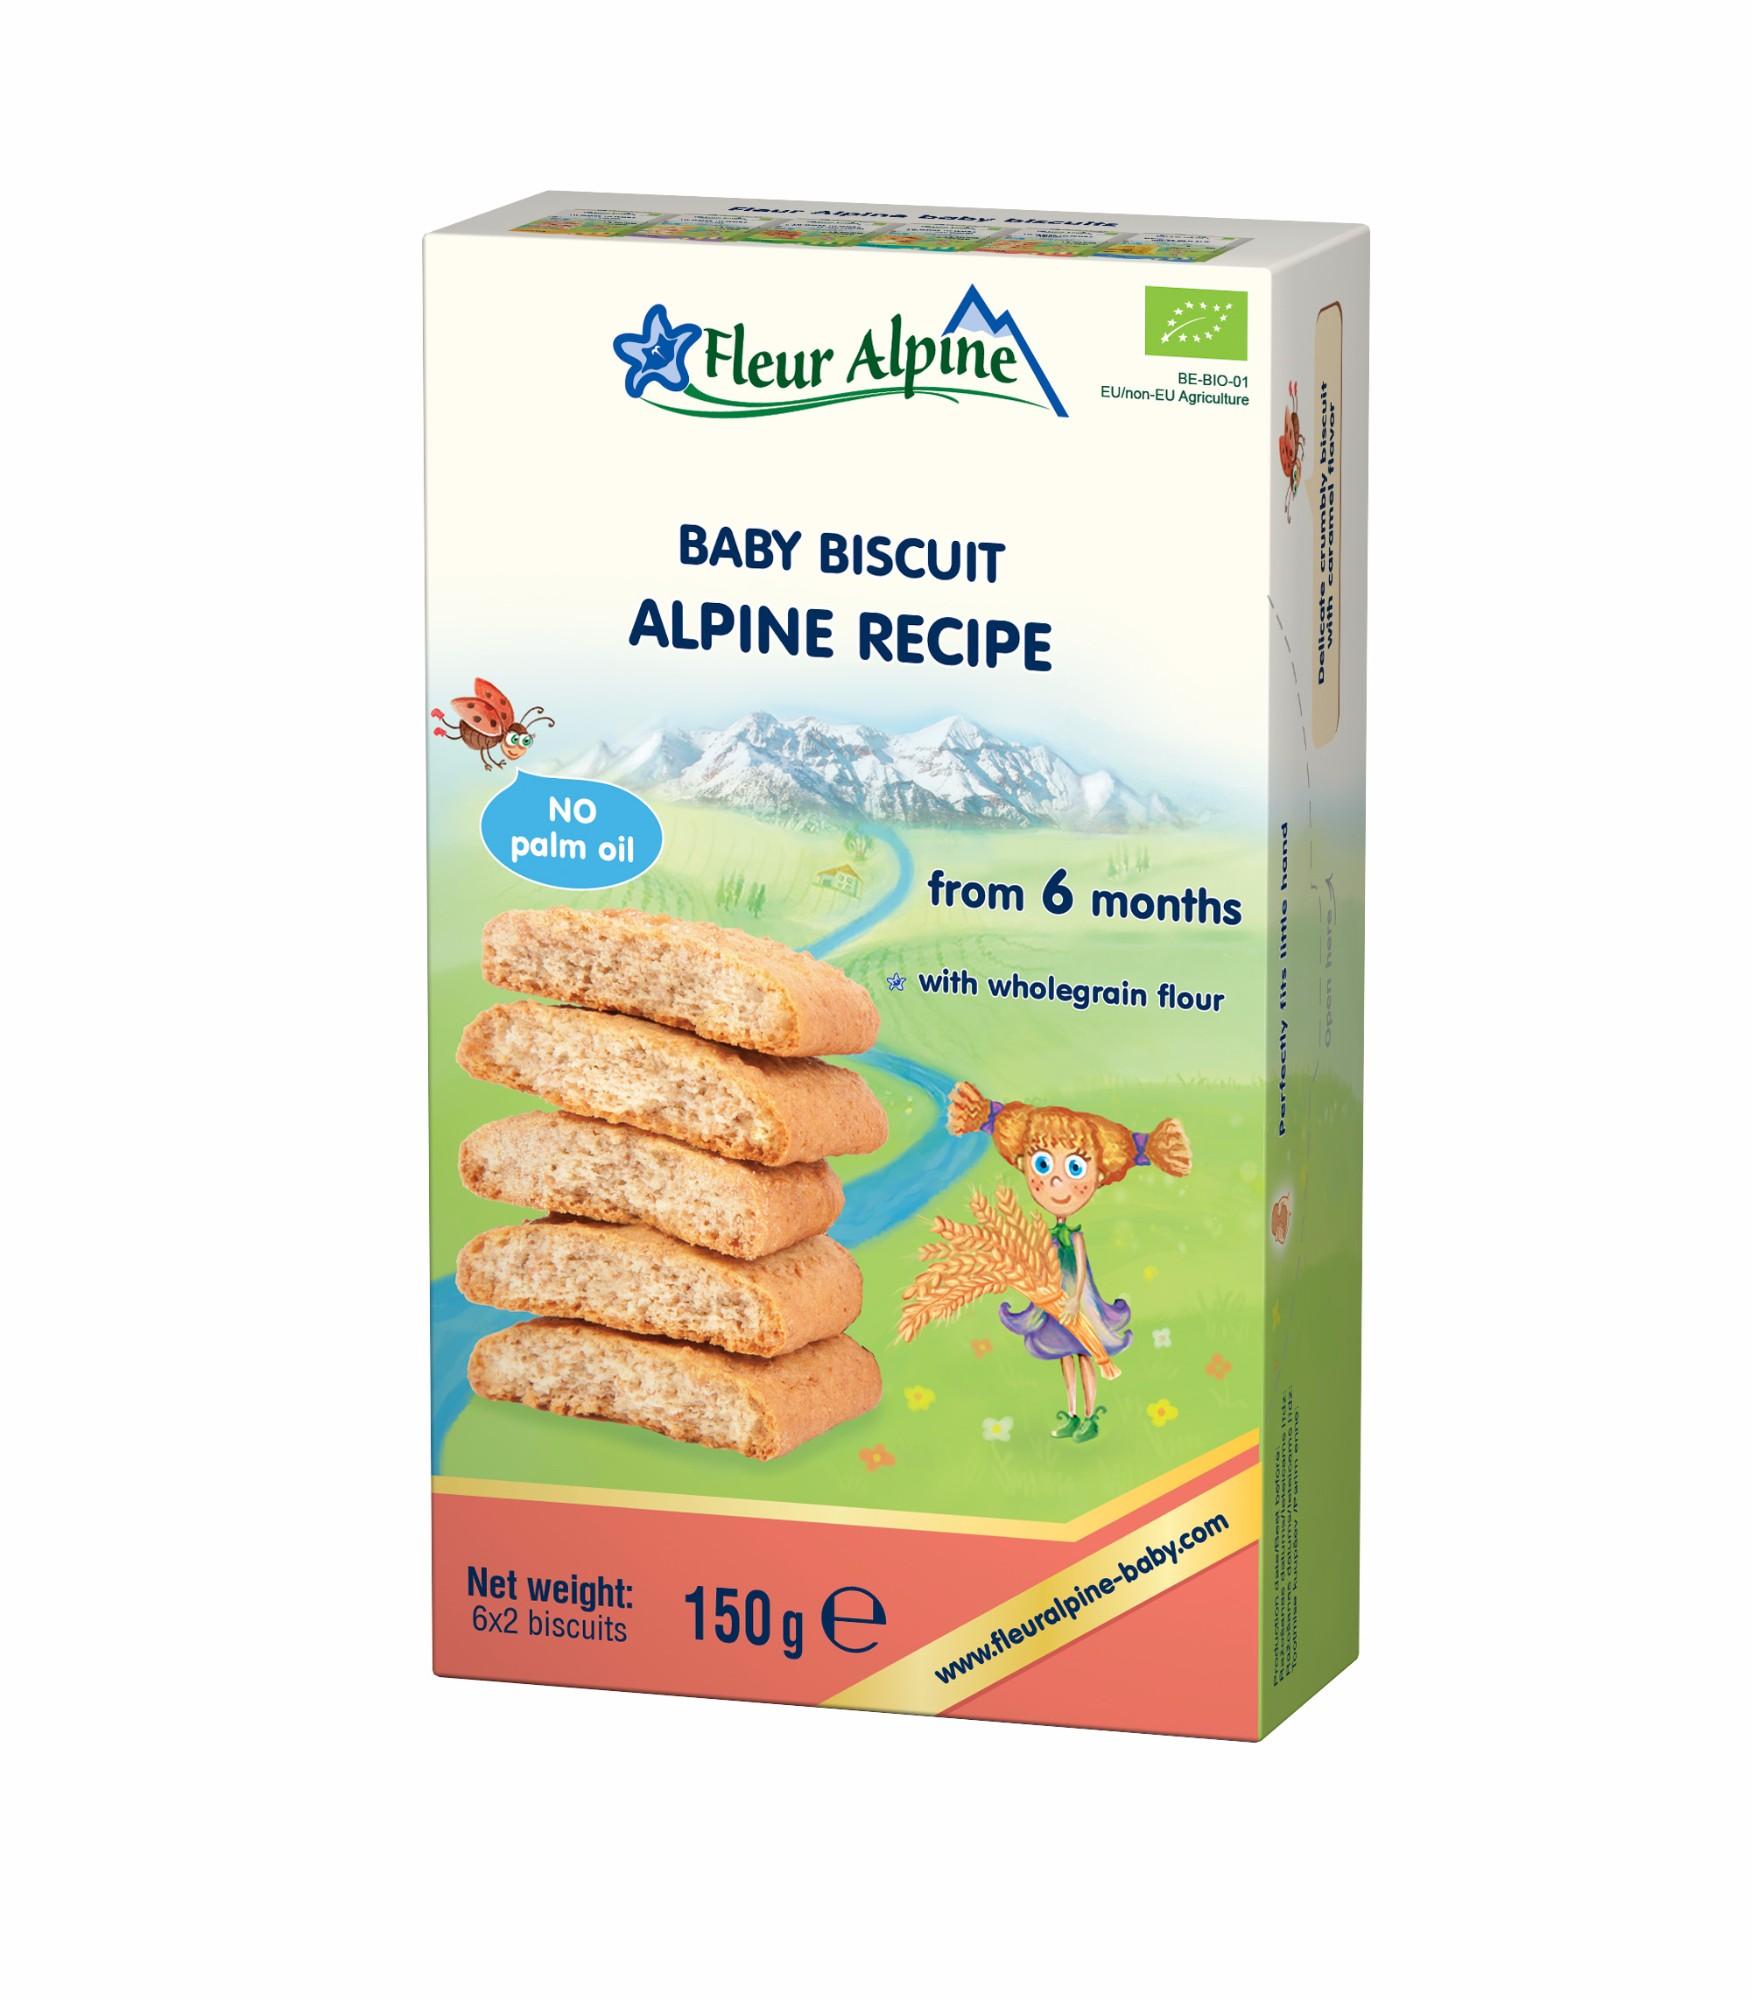 Ekologiški tirpūs sausainiai Alpine su prebiotikais kūdikiams nuo 6 mėn. FLEUR ALPINE, 150 g